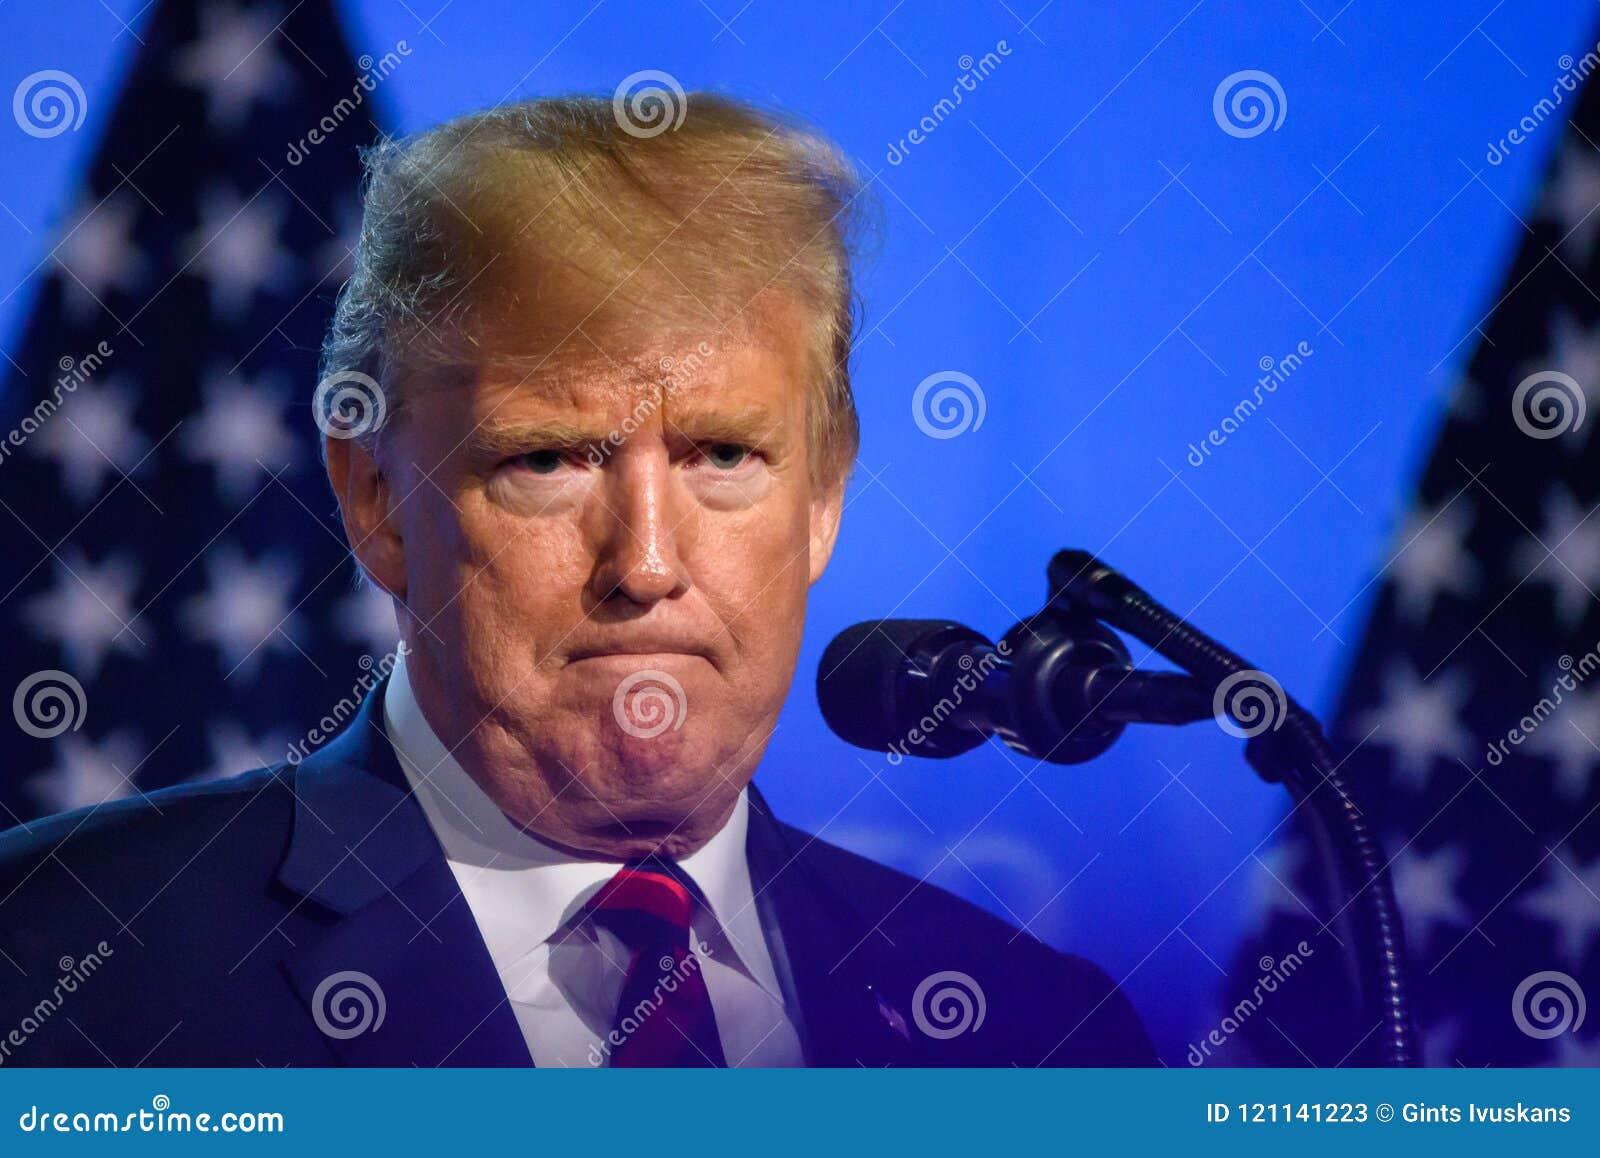 Ντόναλντ Τραμπ, Πρόεδρος των Ηνωμένων Πολιτειών της Αμερικής, κατά τη διάρκεια της συνέντευξης τύπου στη ΣΎΝΟΔΟ ΚΟΡΥΦΉΣ 2018 του